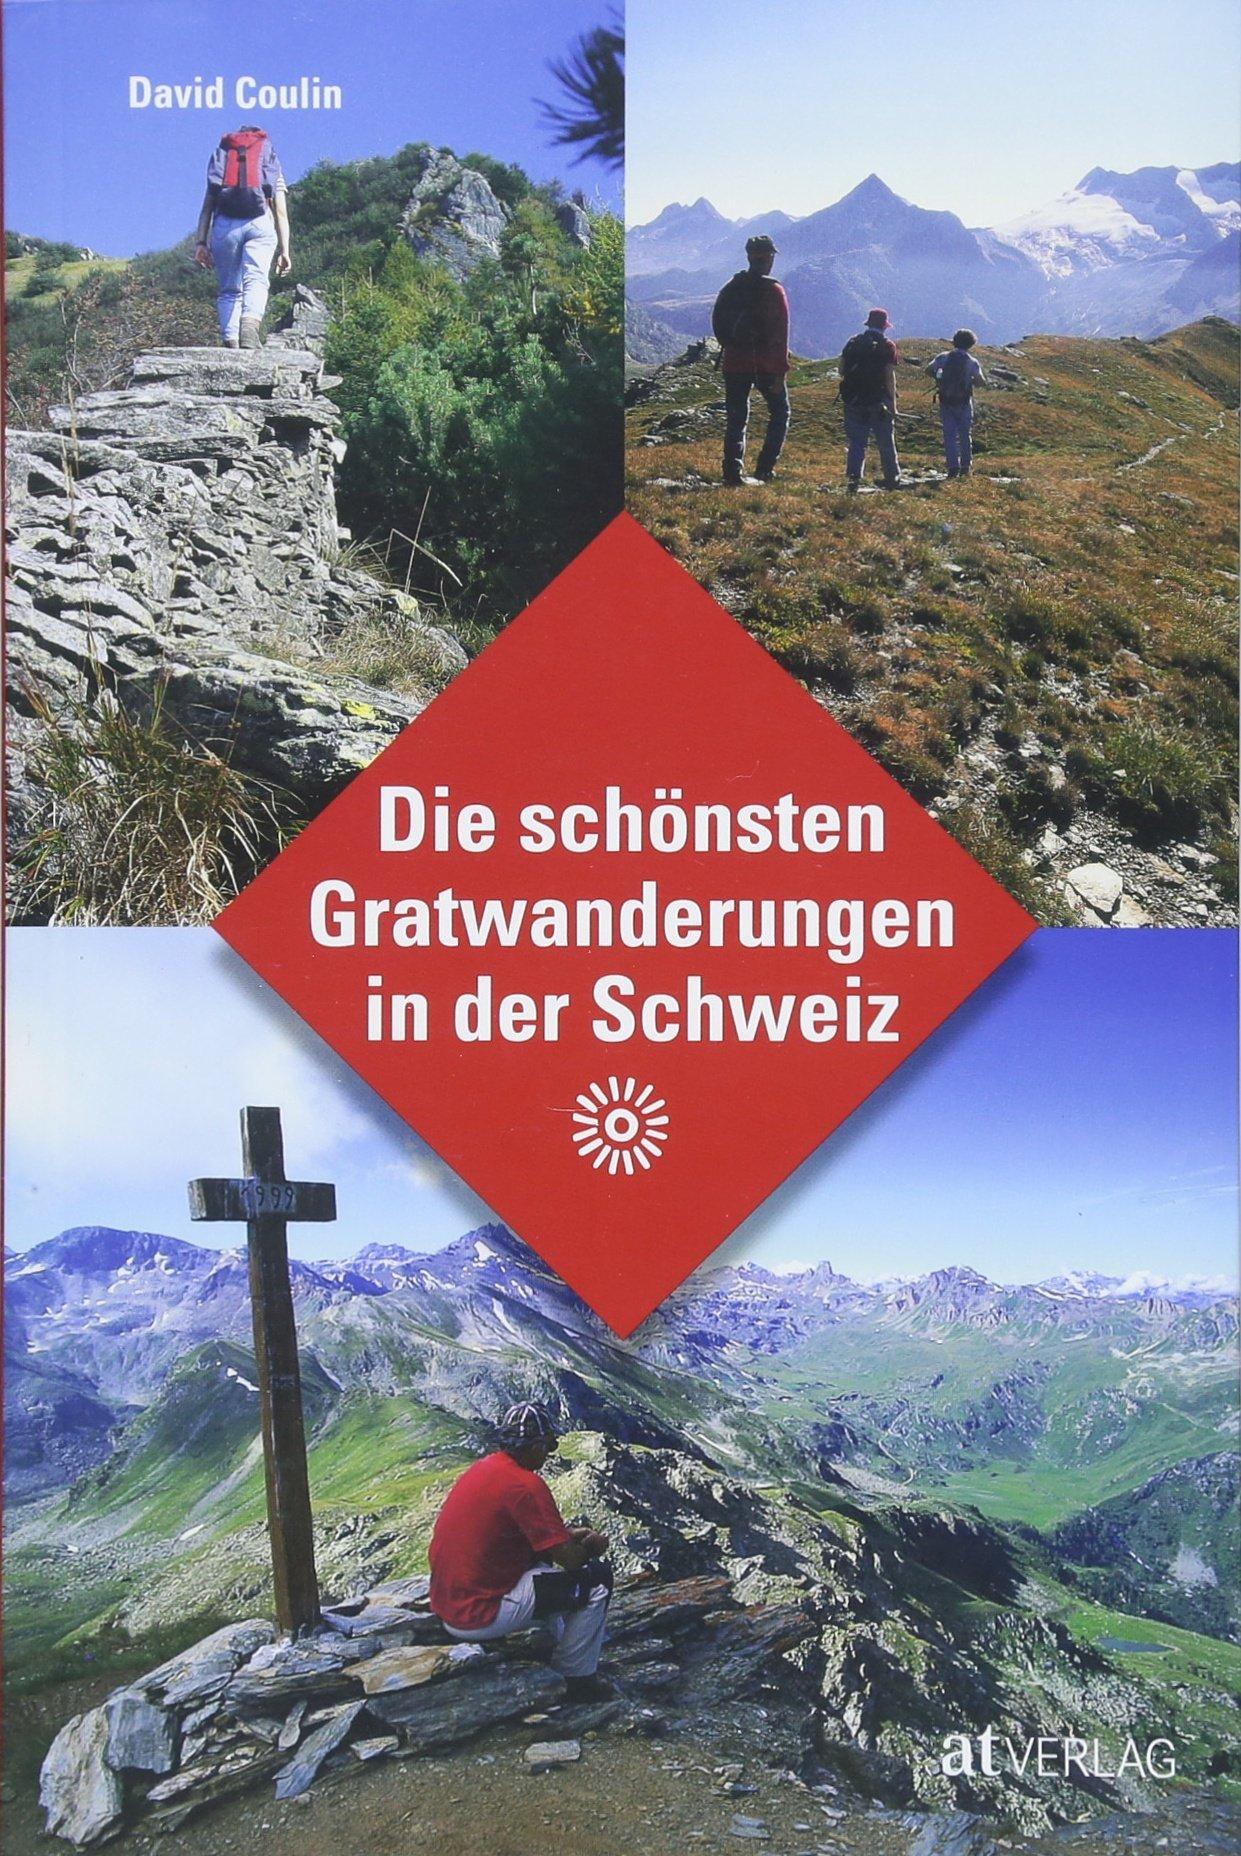 Die schönsten Gratwanderungen der Schweiz 9783038009740 David Coulin AT-Verlag   Wandelgidsen Zwitserland